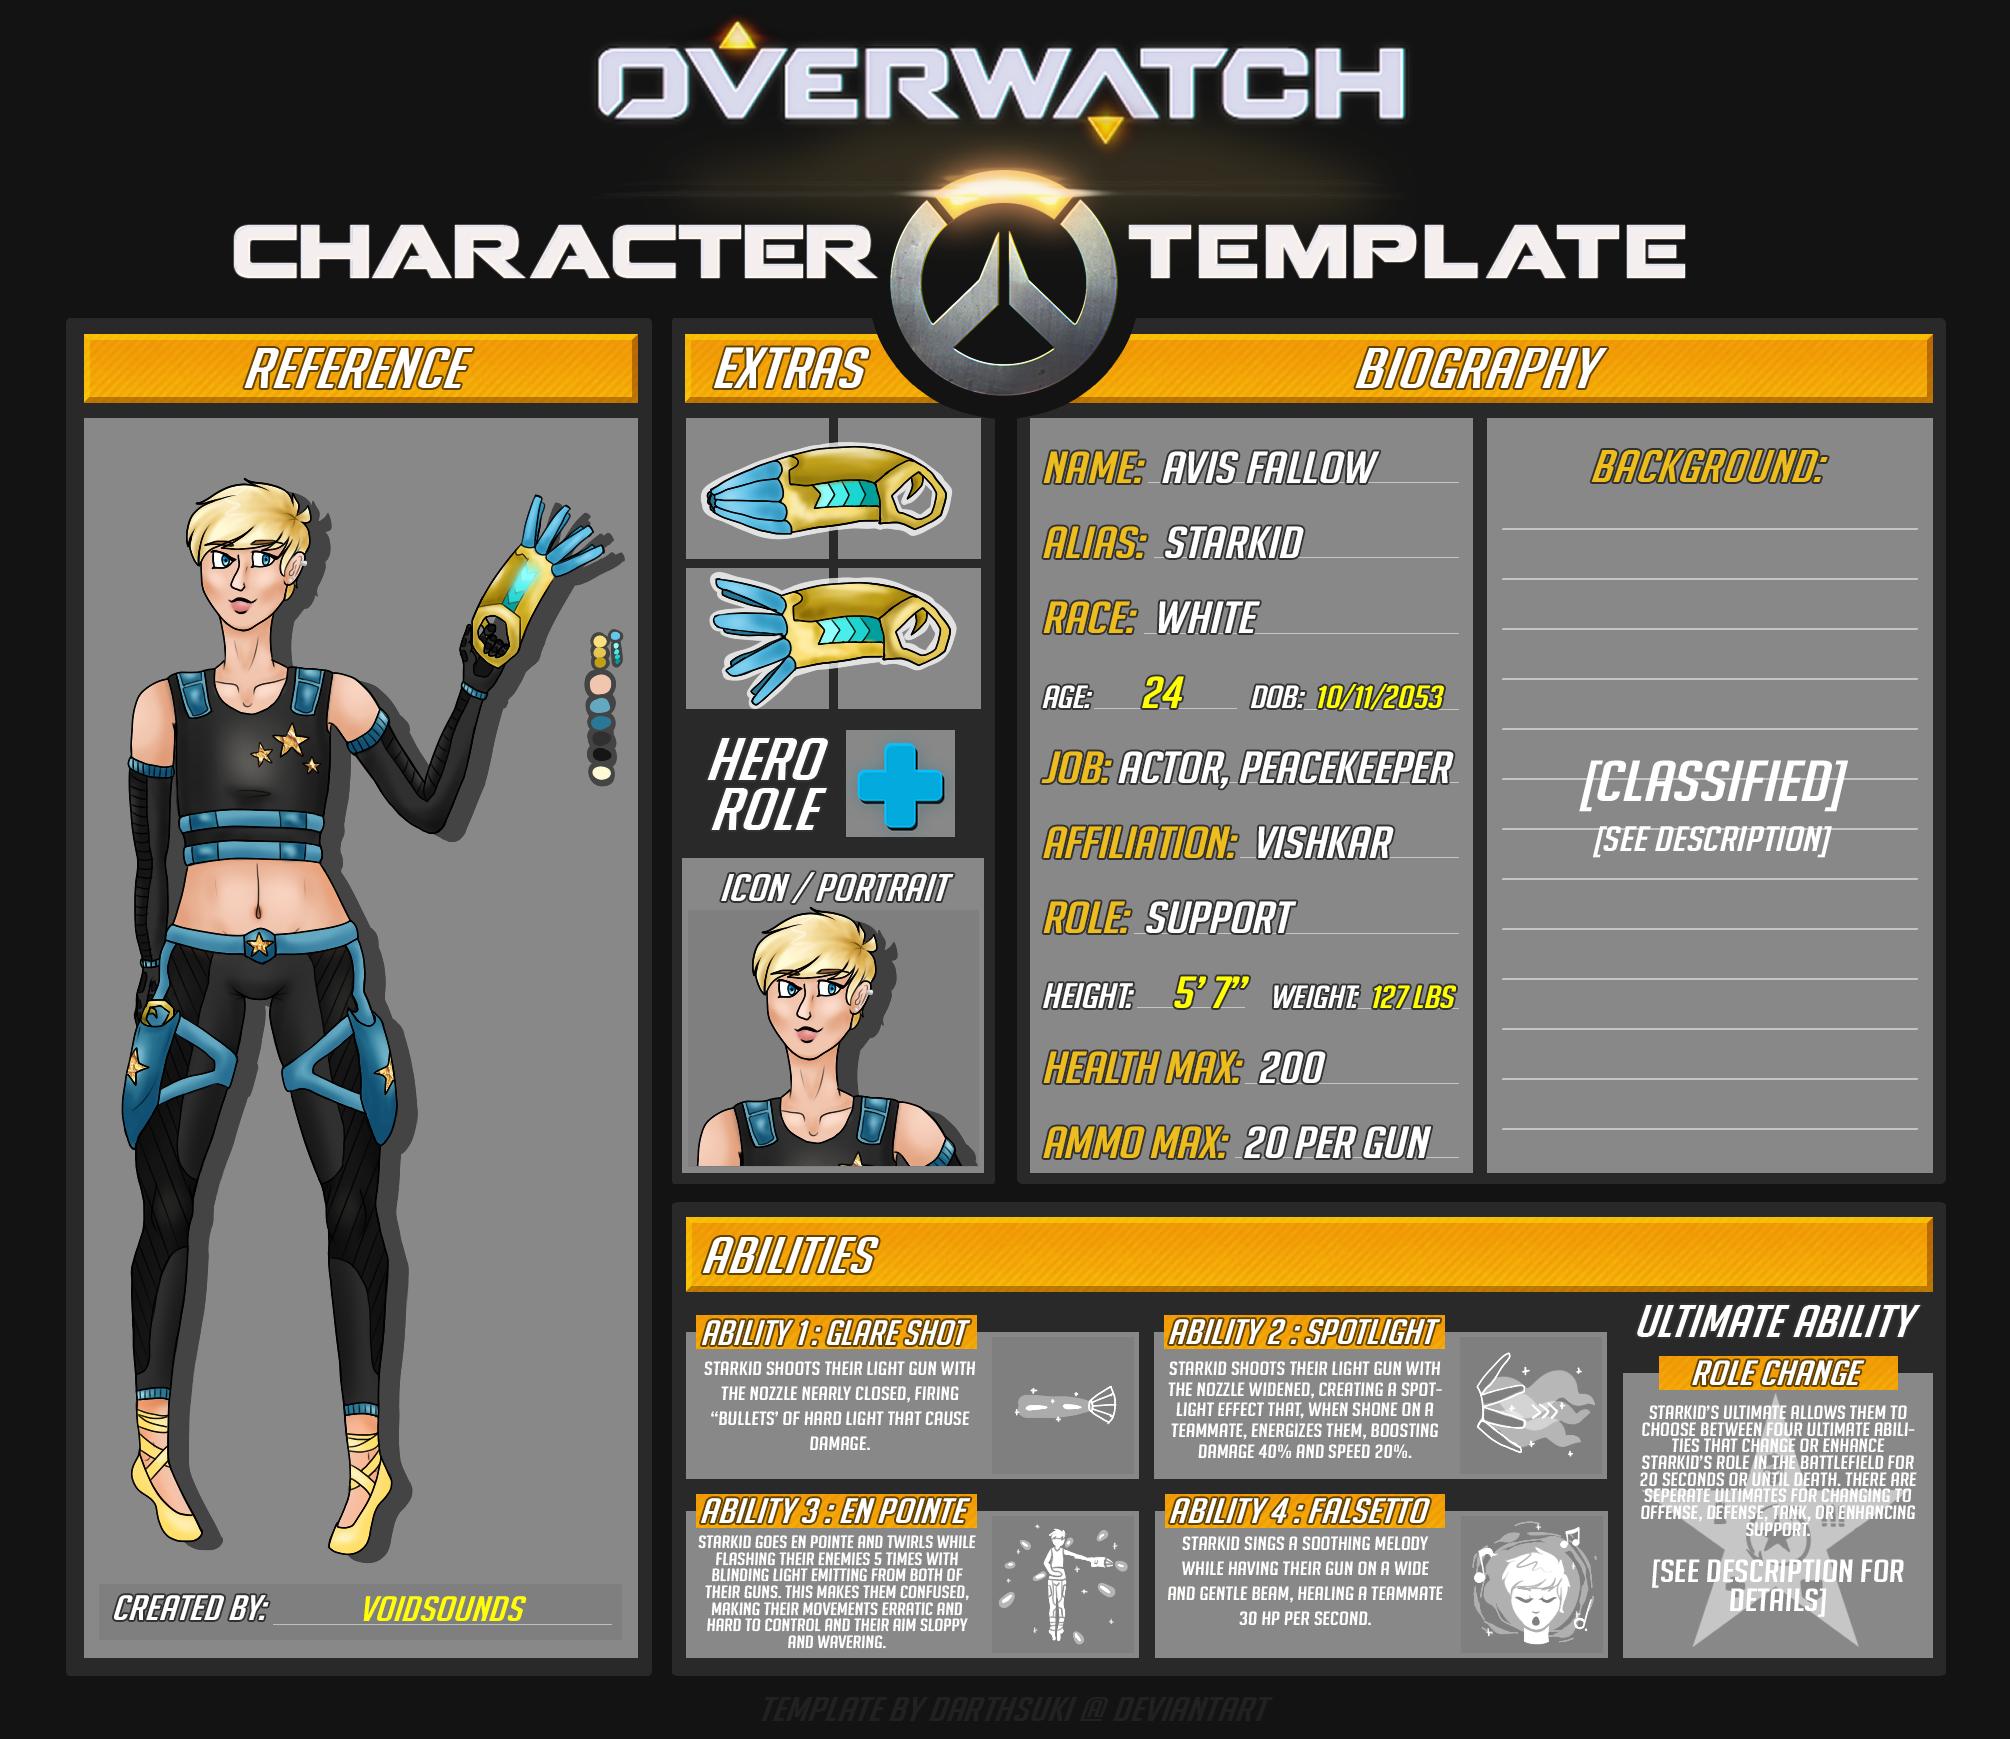 starkid - overwatch oc by voidsounds